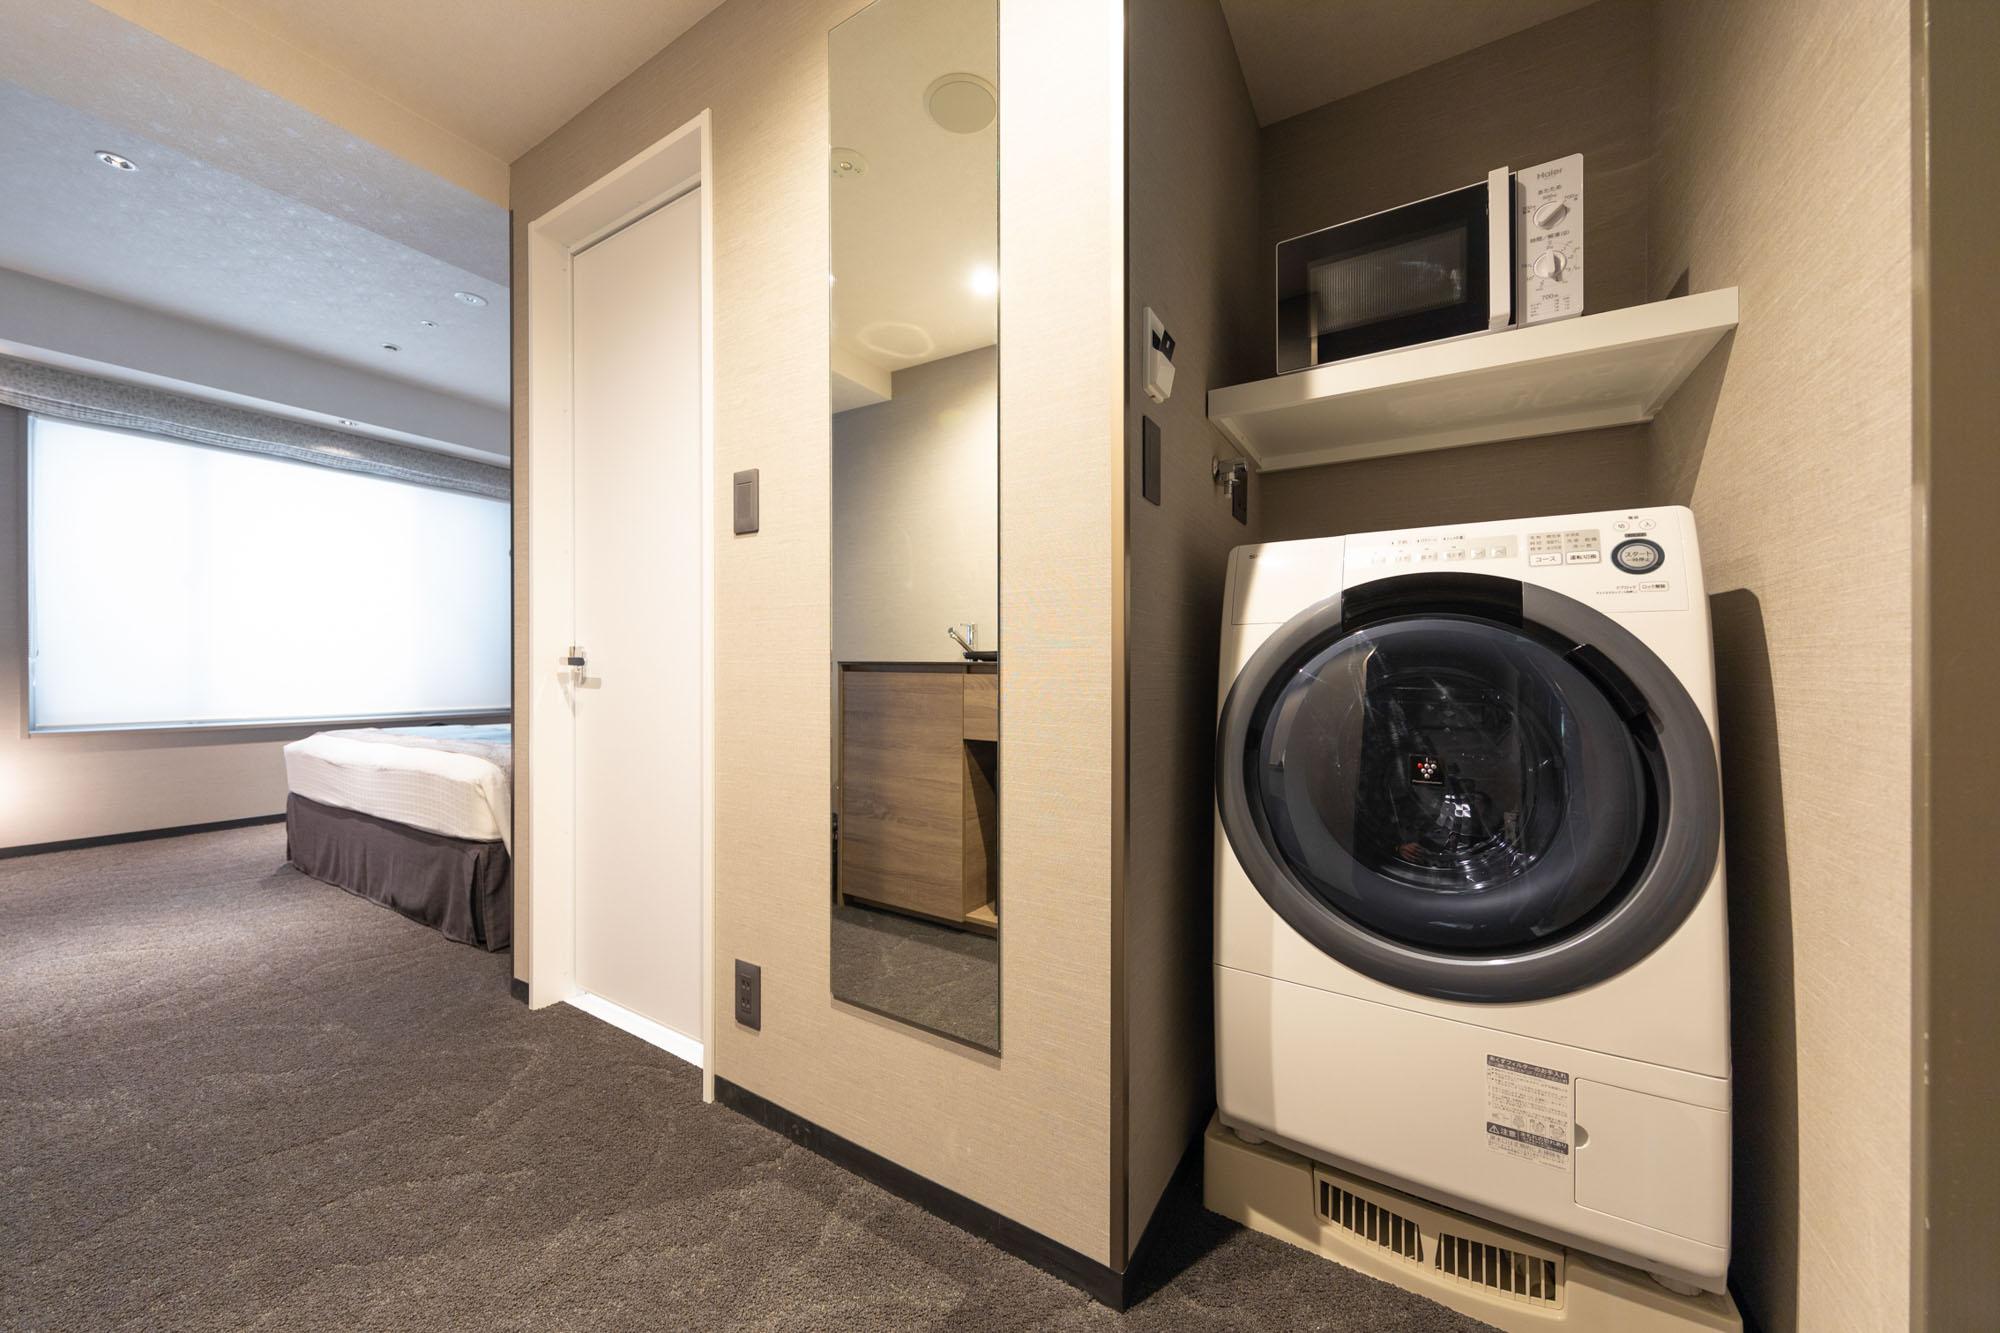 室内に洗濯・乾燥機、電子レンジ、ミニキッチンまでそろっているので、長期滞在も快適に過ごせます。